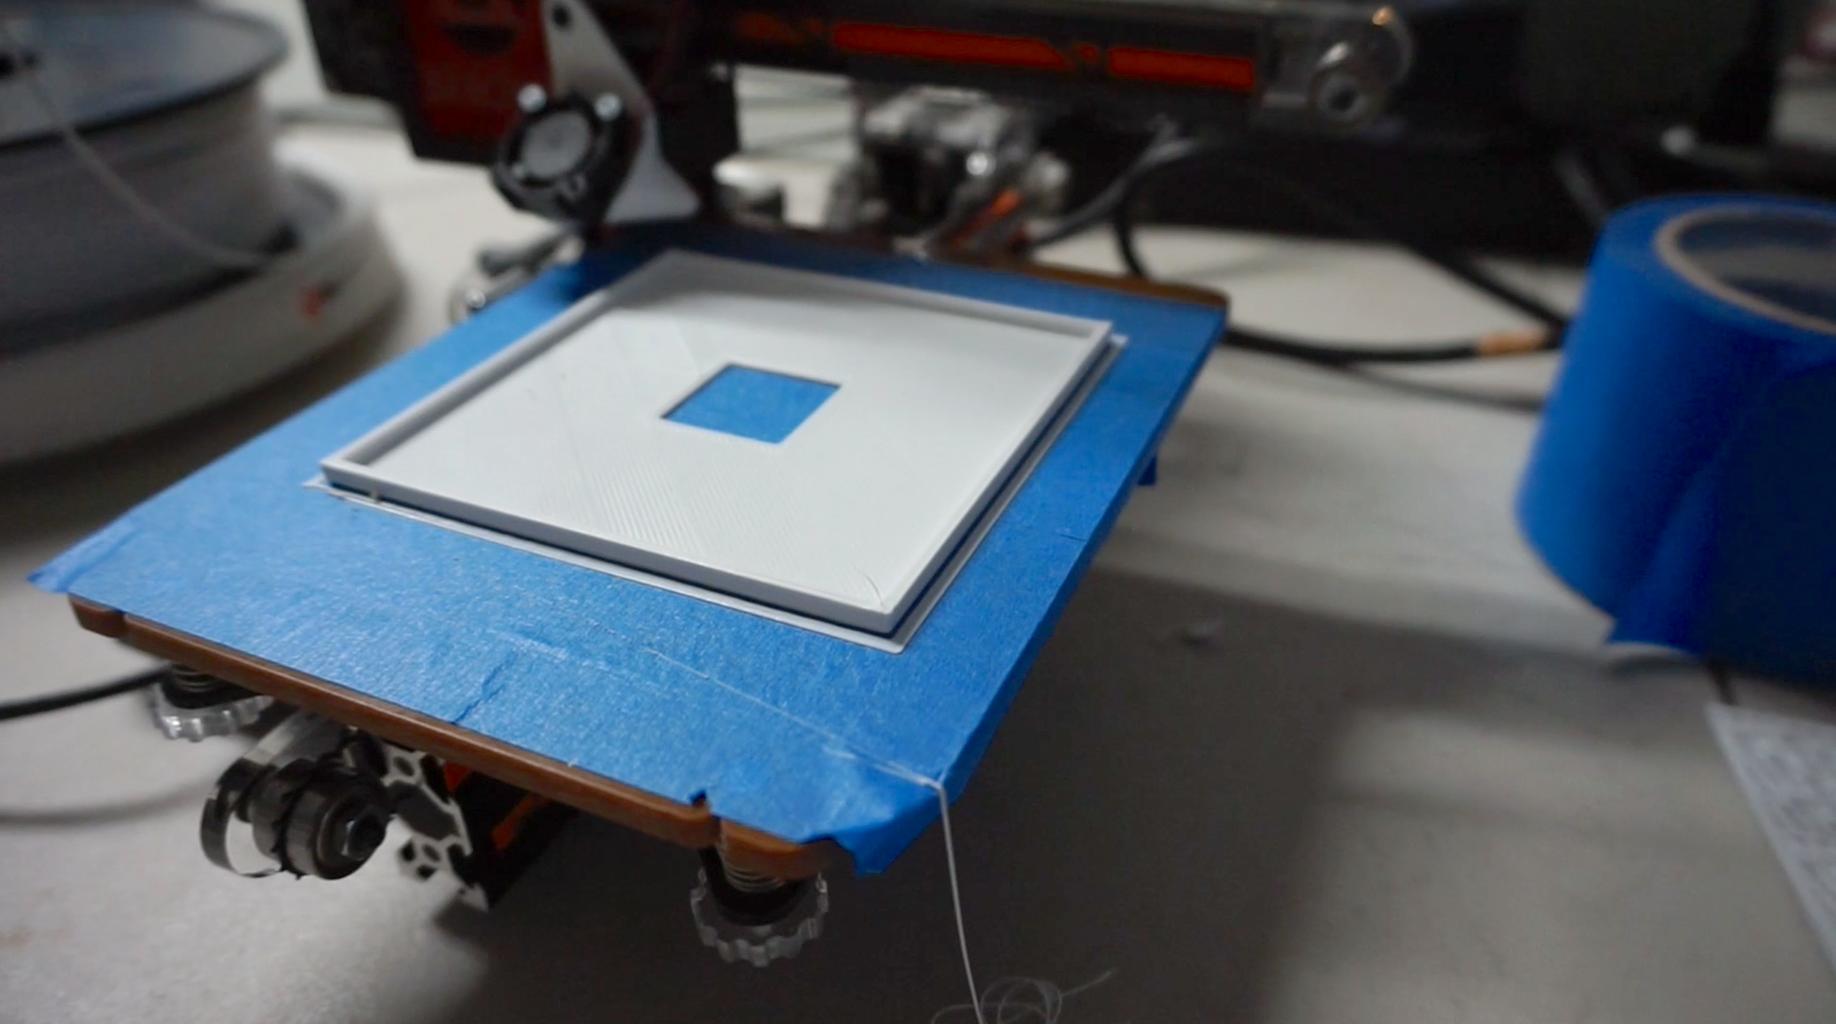 Printing the Shade